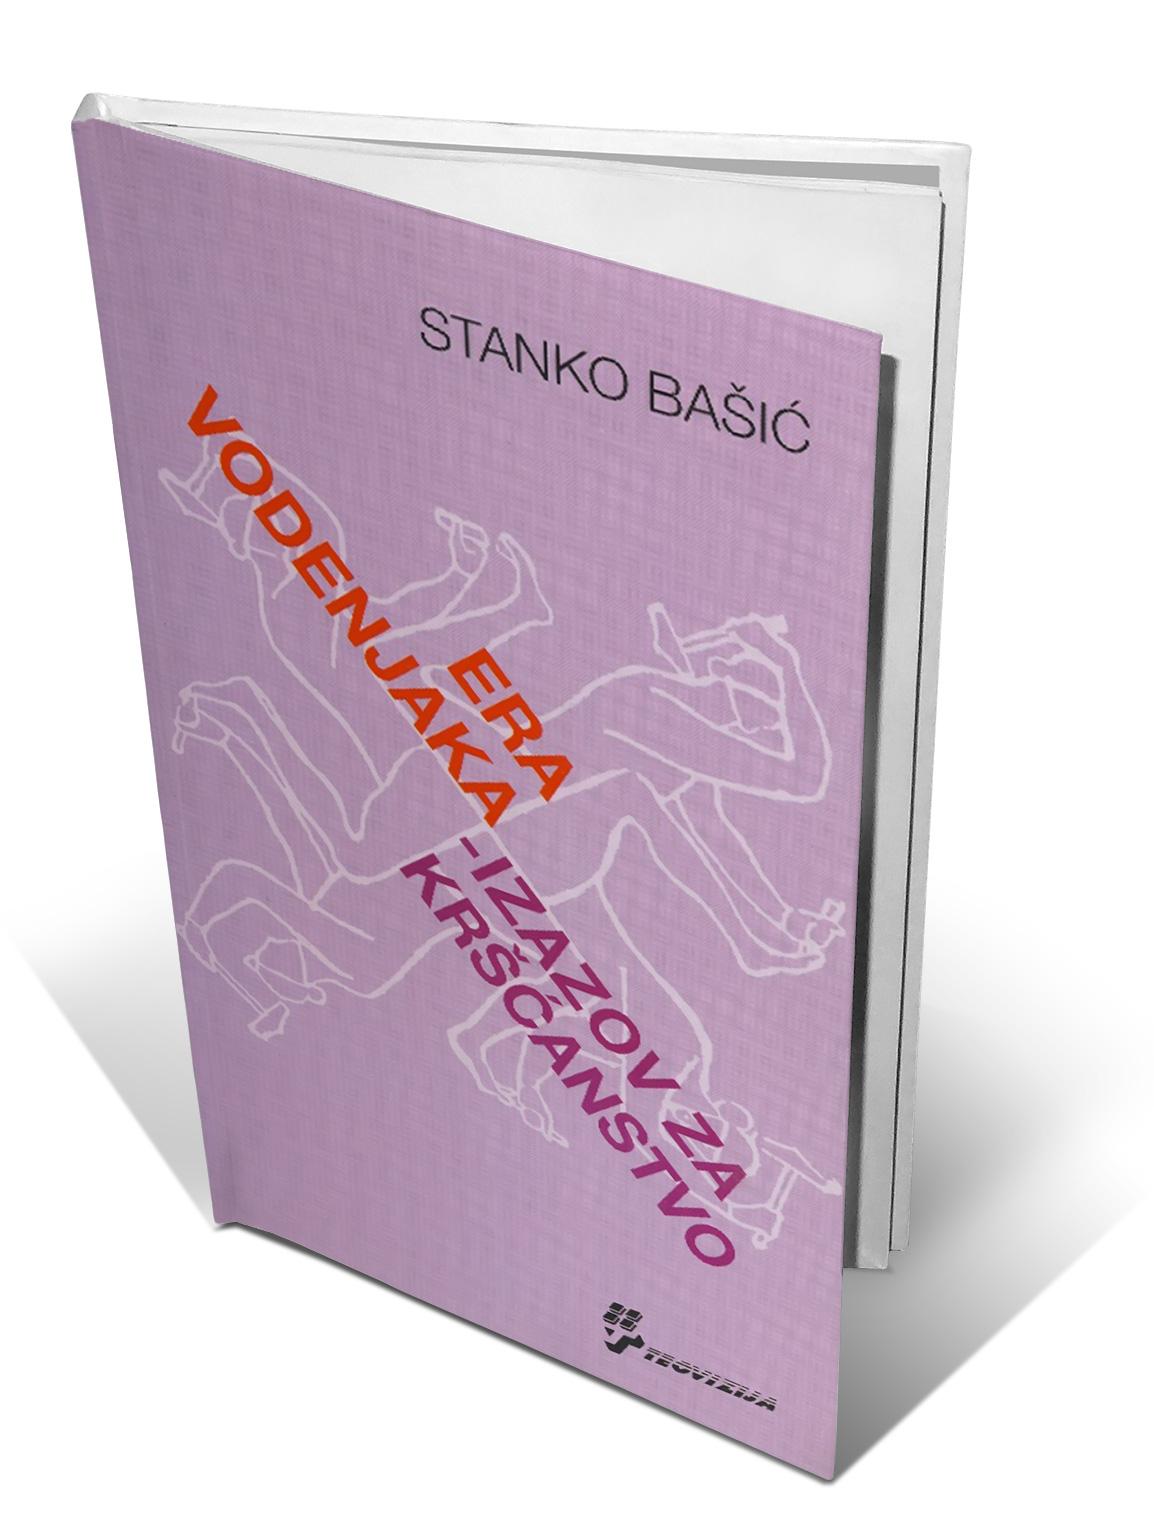 ERA VODENJAKA - Stanko Bašić